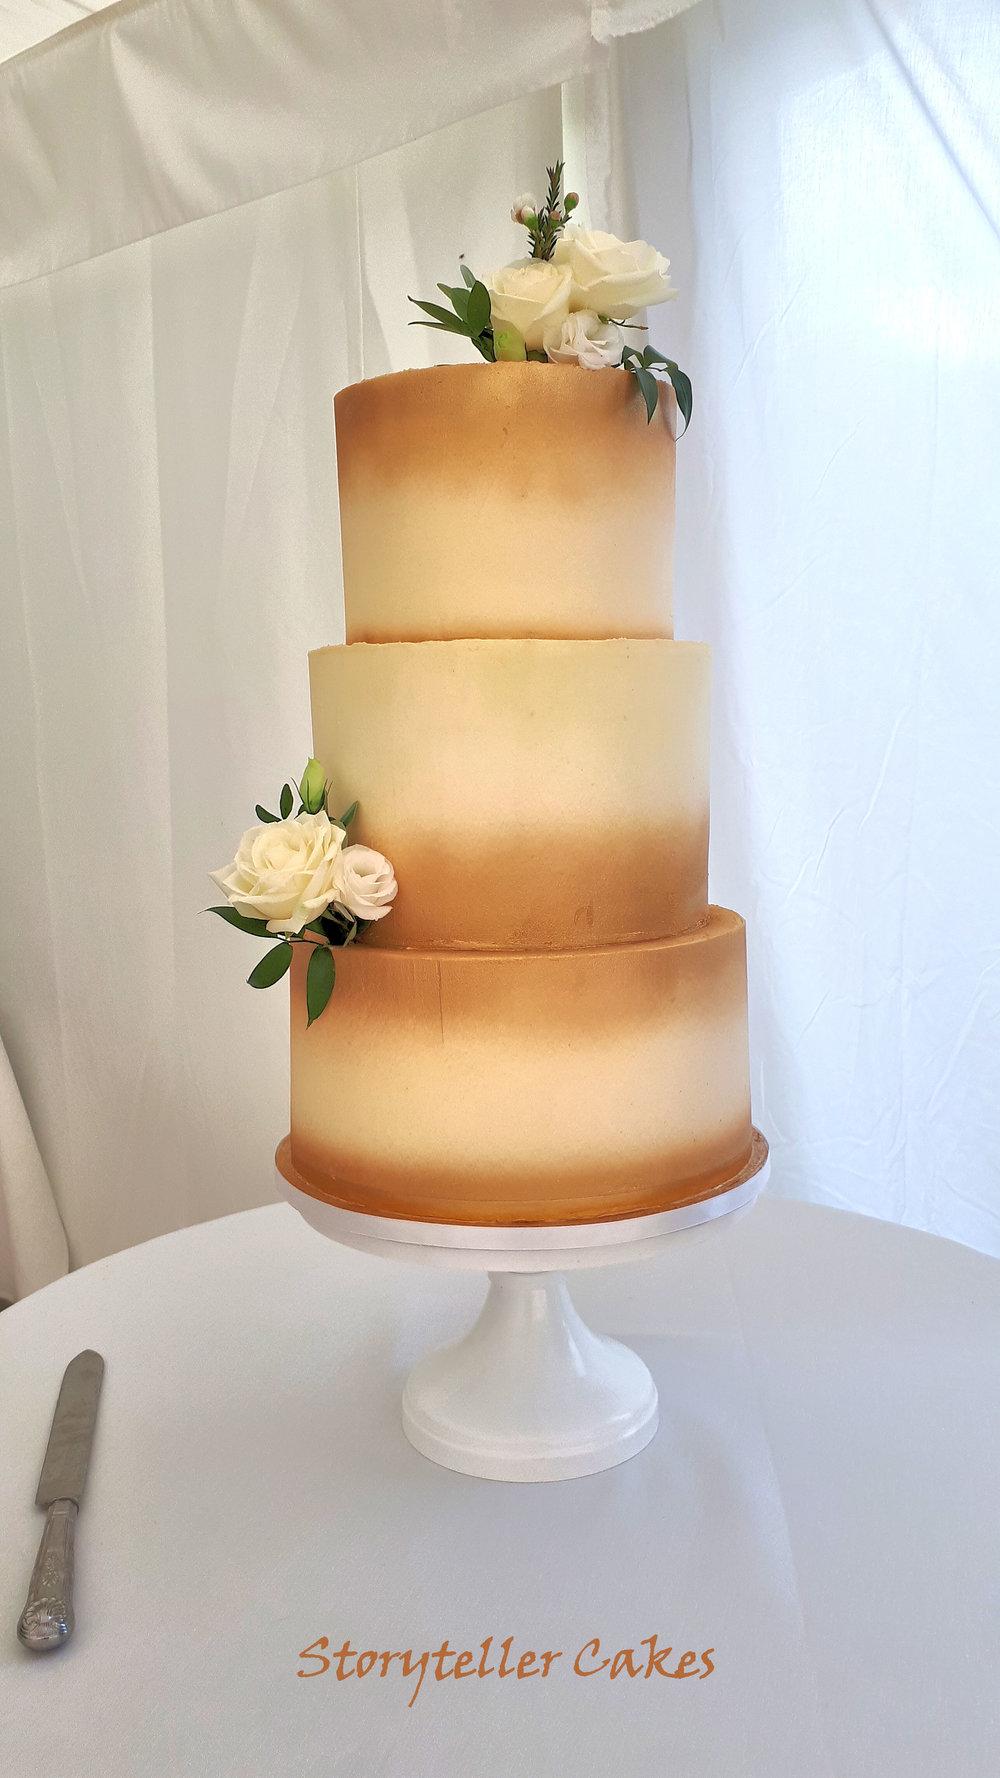 Gold and white buttercream rose wedding cake.jpg